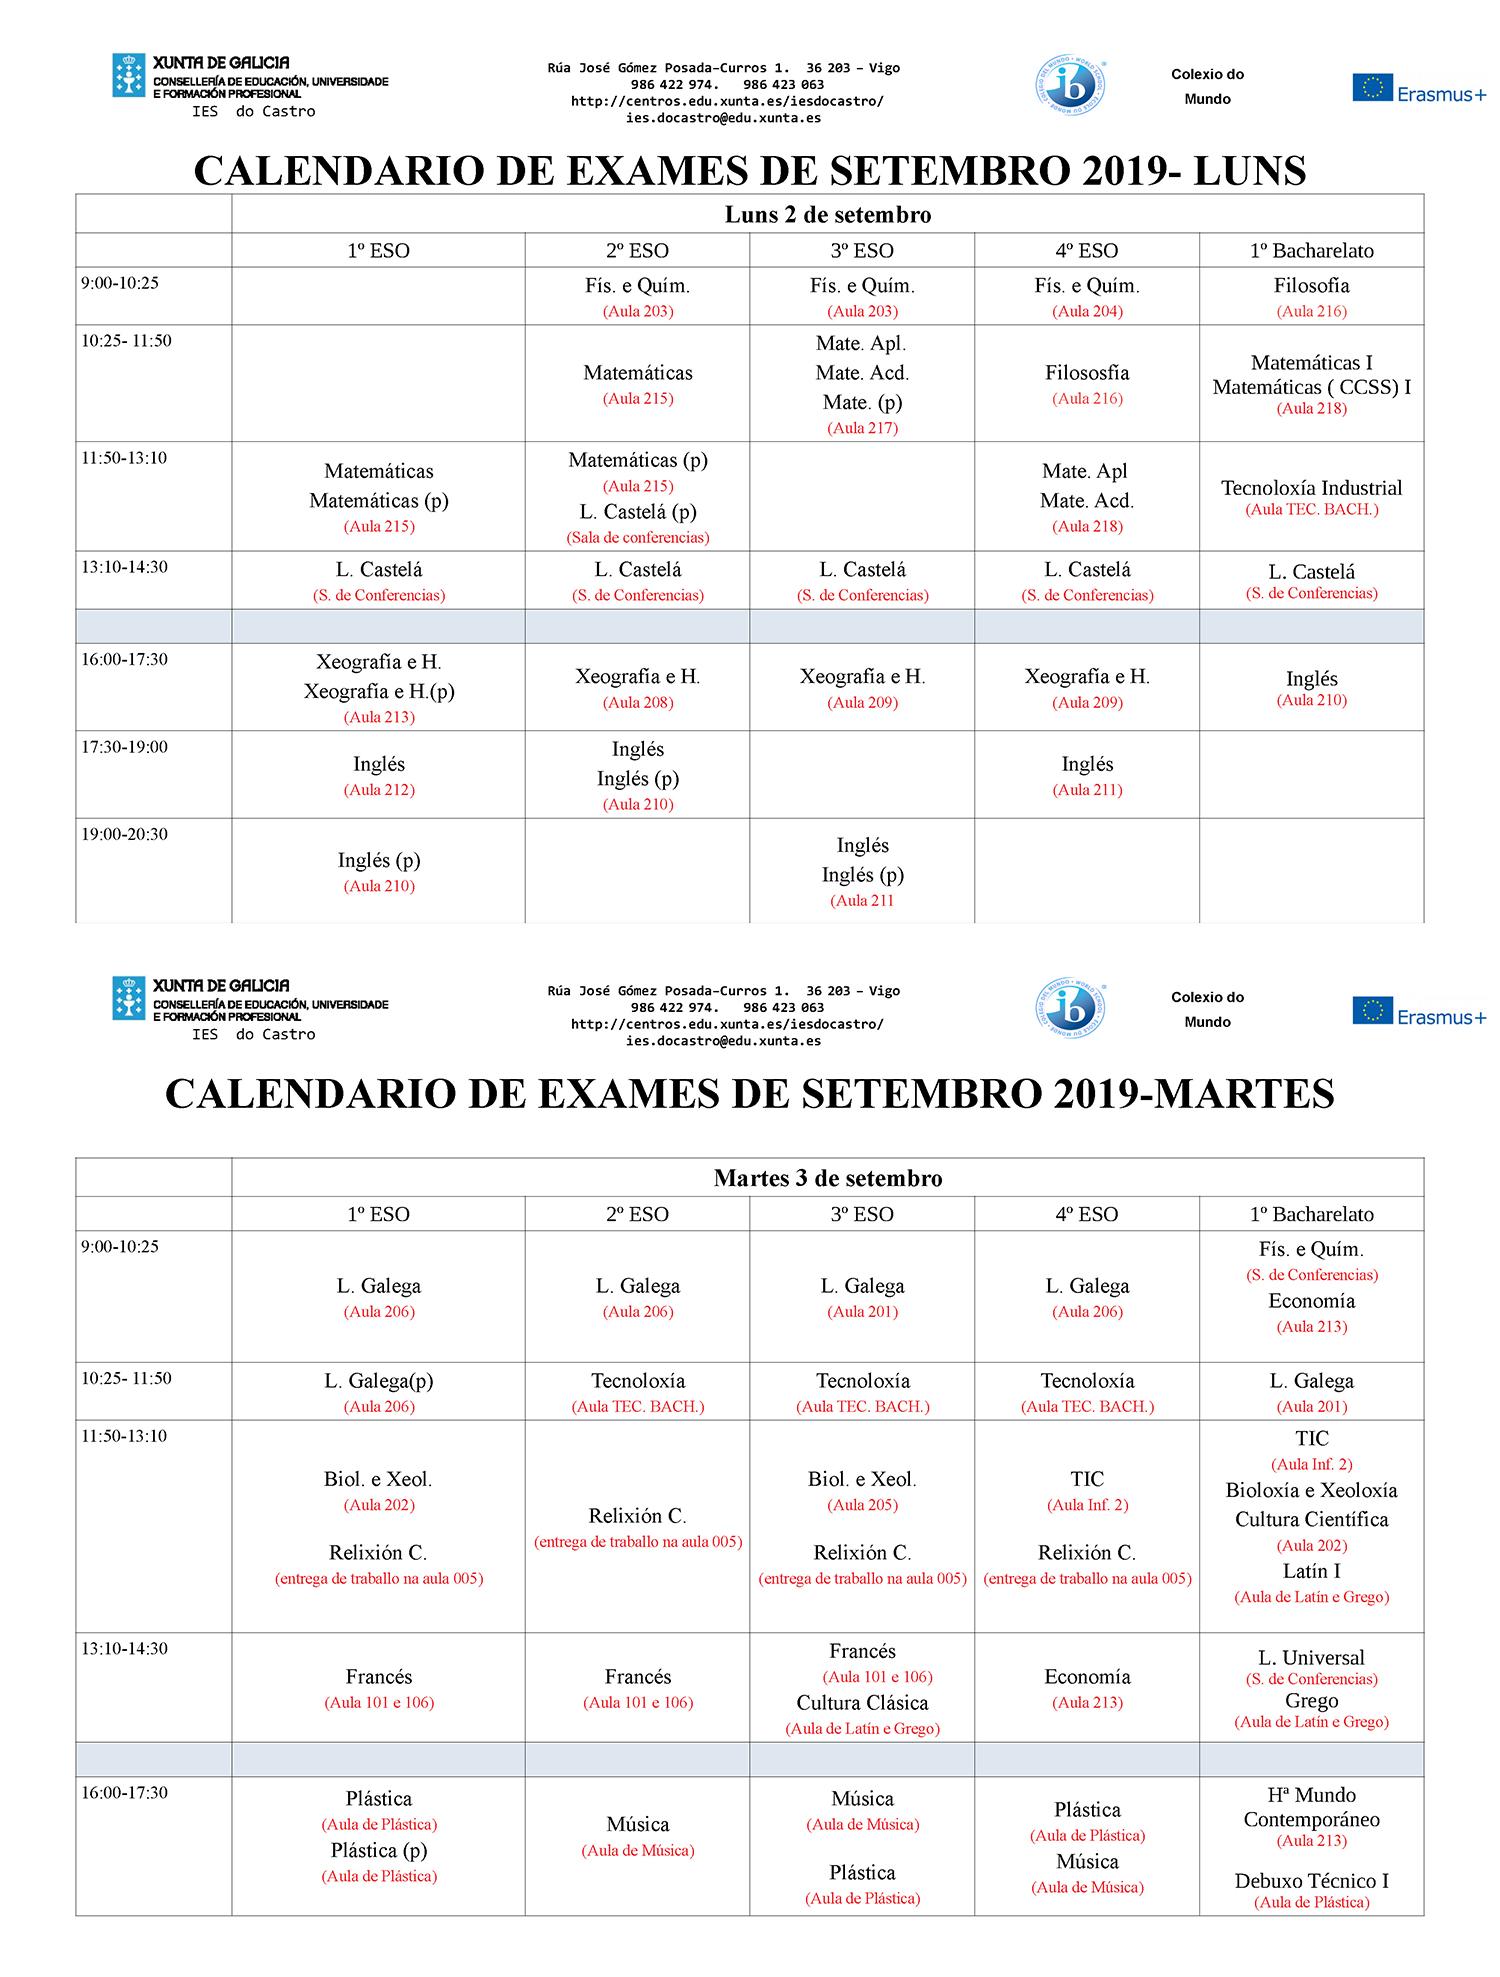 calendario-exames-setembro-2019.jpg